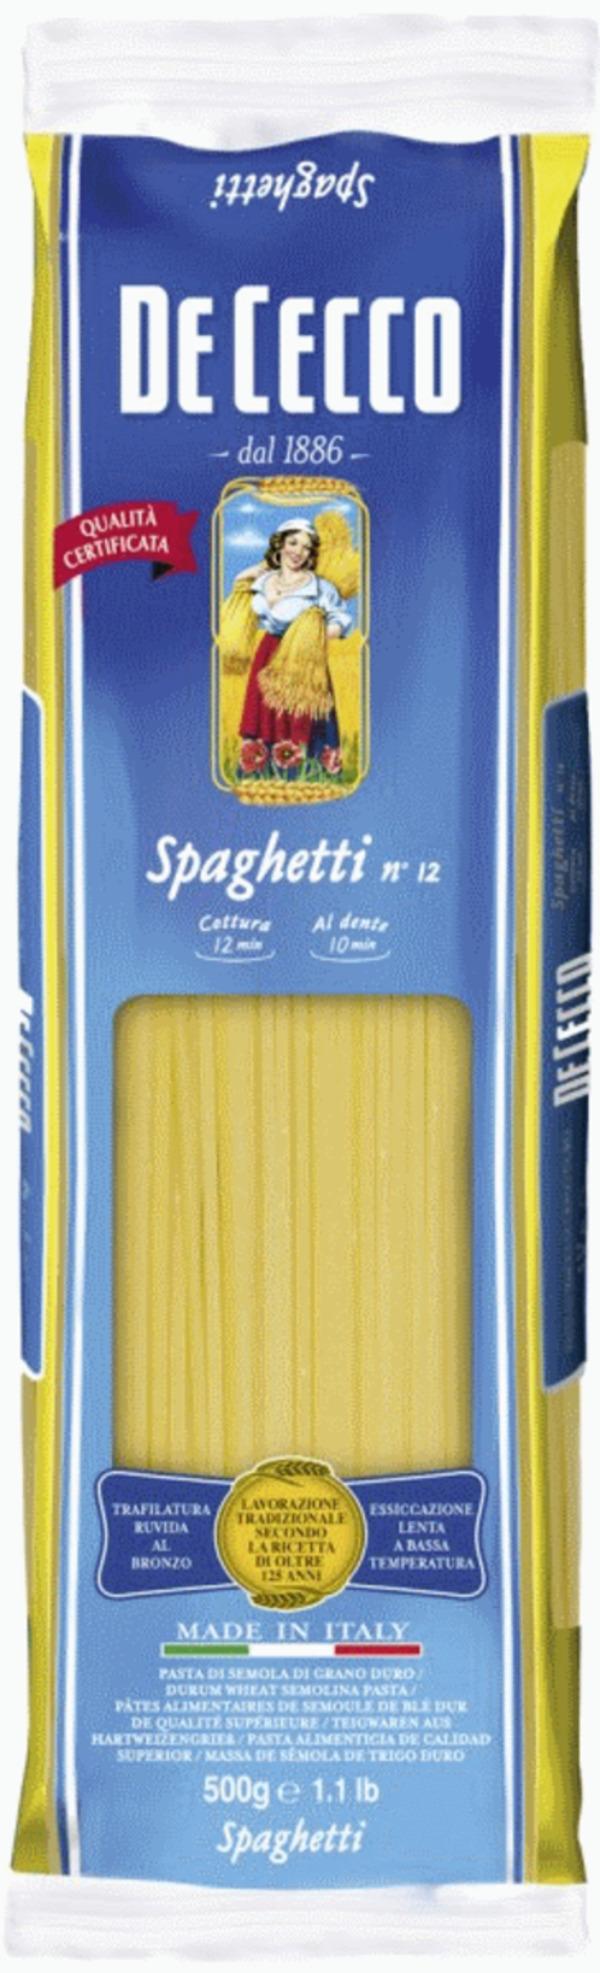 De Cecco Spaghetti No 12 500 g